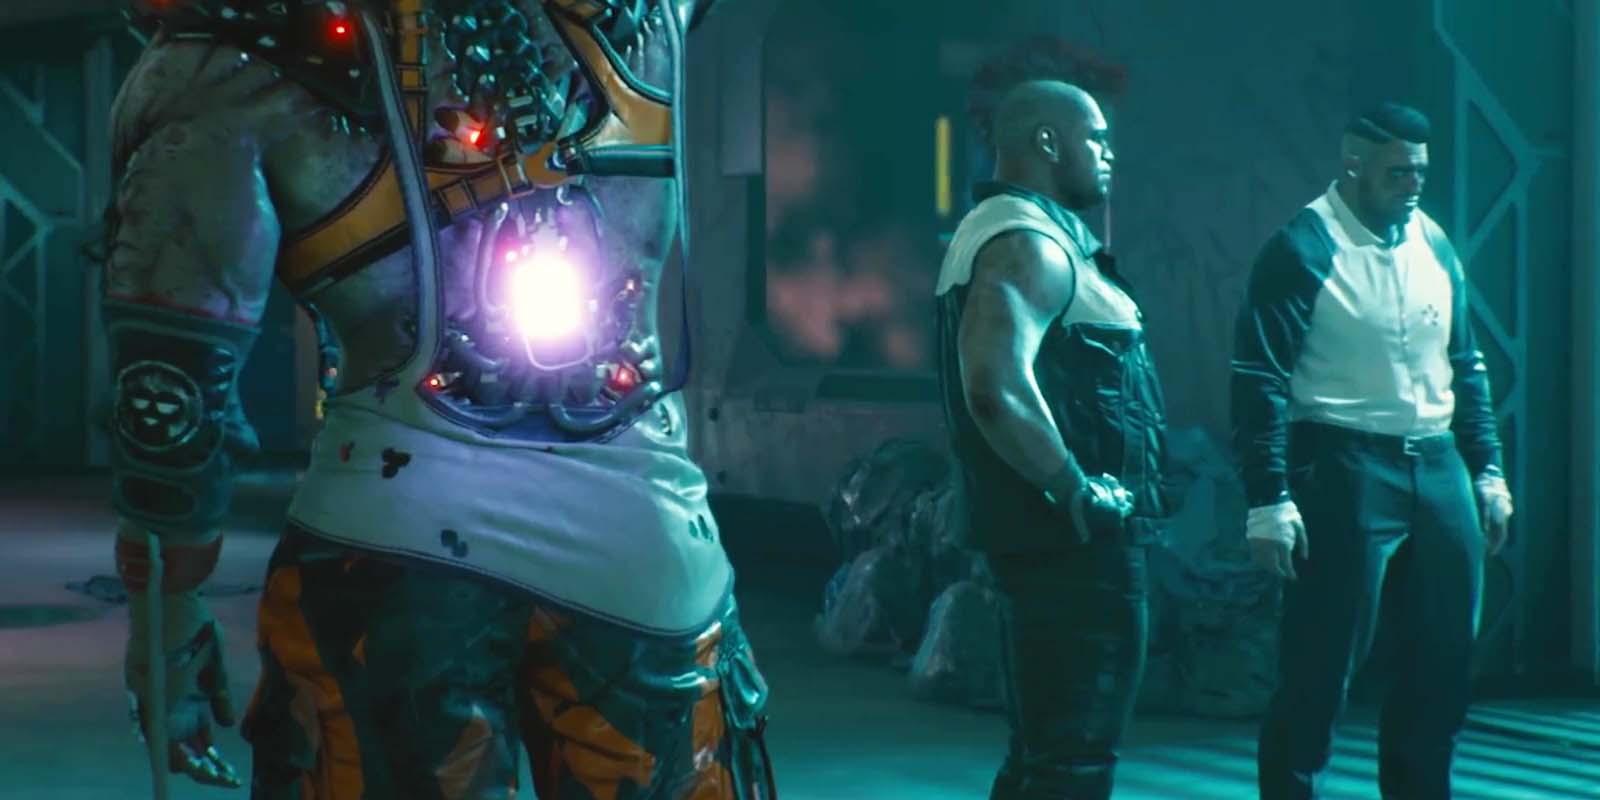 """Игра """"Cyberpunk 2077"""" (2020) – Русский геймплейный трейлер """"Полное погружение"""""""